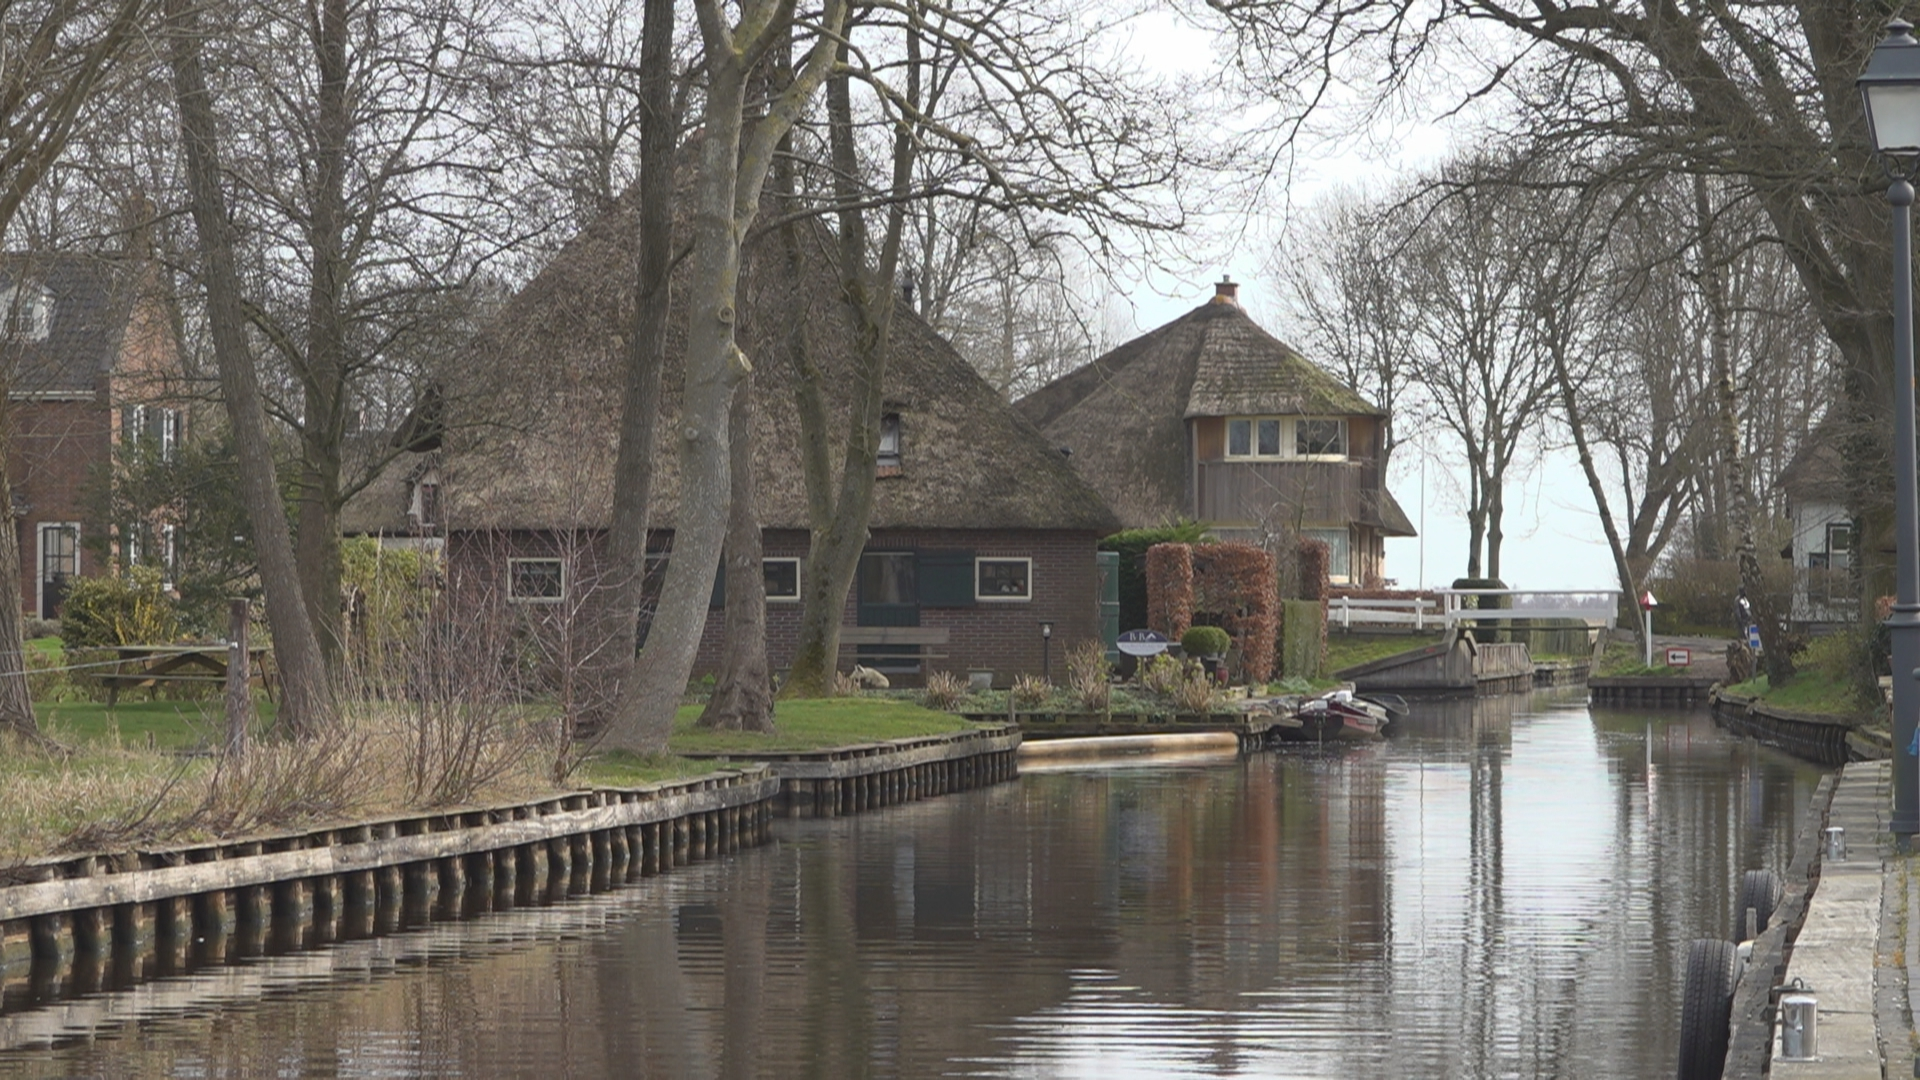 Uitzonderlijk stil in Giethoorn; toeristen blijven thuis en geven gehoor aan corona-maatregelen